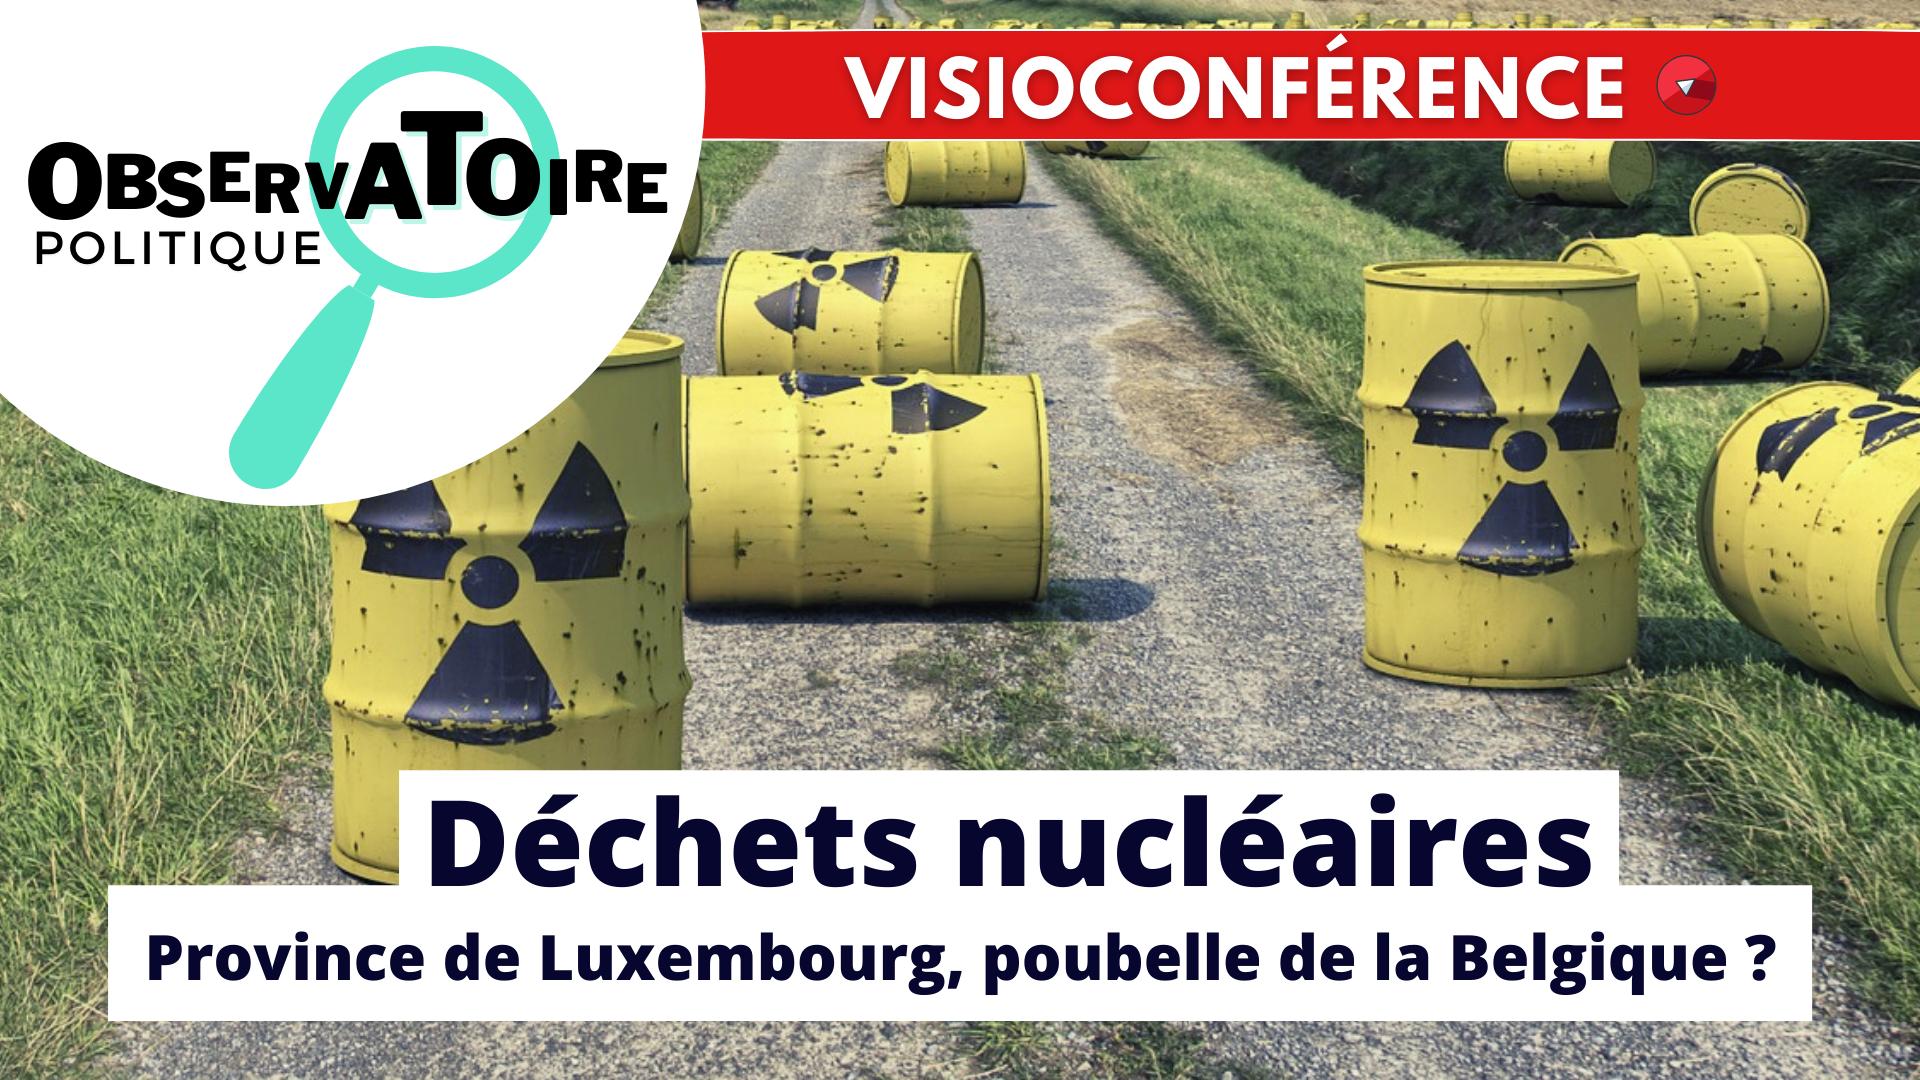 Observatoire politque dechets nucleaires 1